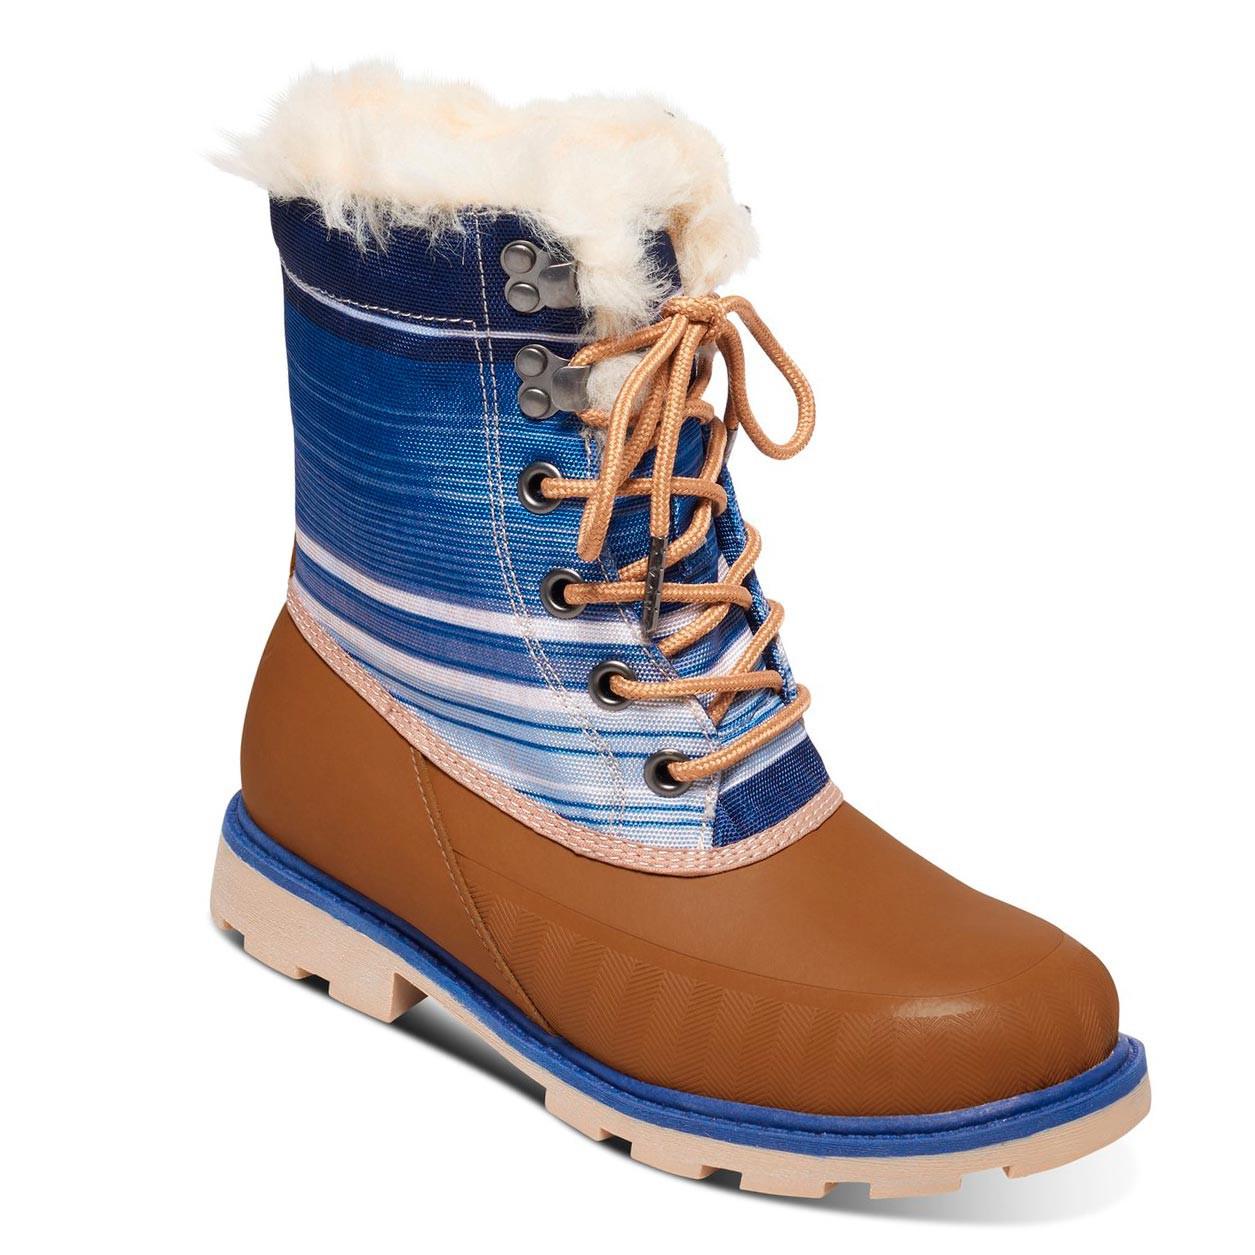 Zimní boty Roxy Himalaya blue surf vel.4 (37) 16 + doručení do 24 hodin